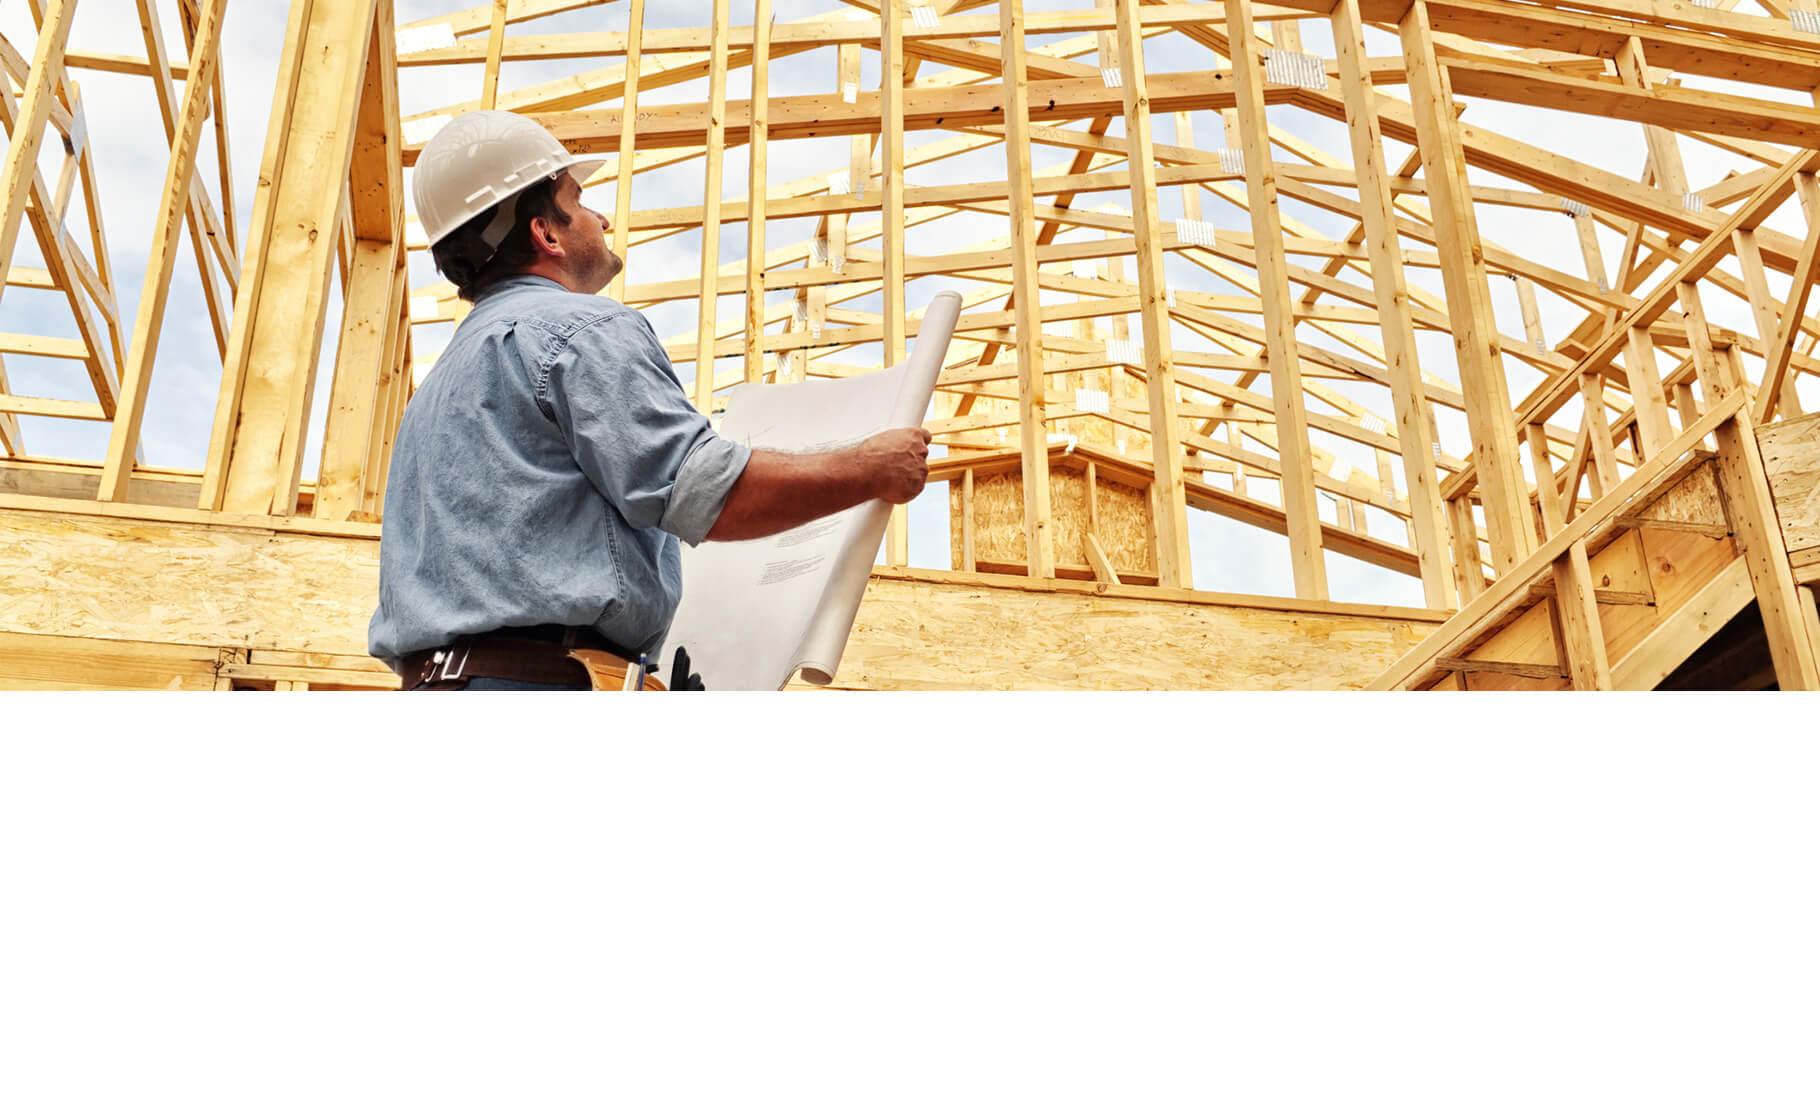 dřevostavby dokonale dřevostavby konstrukce technologie